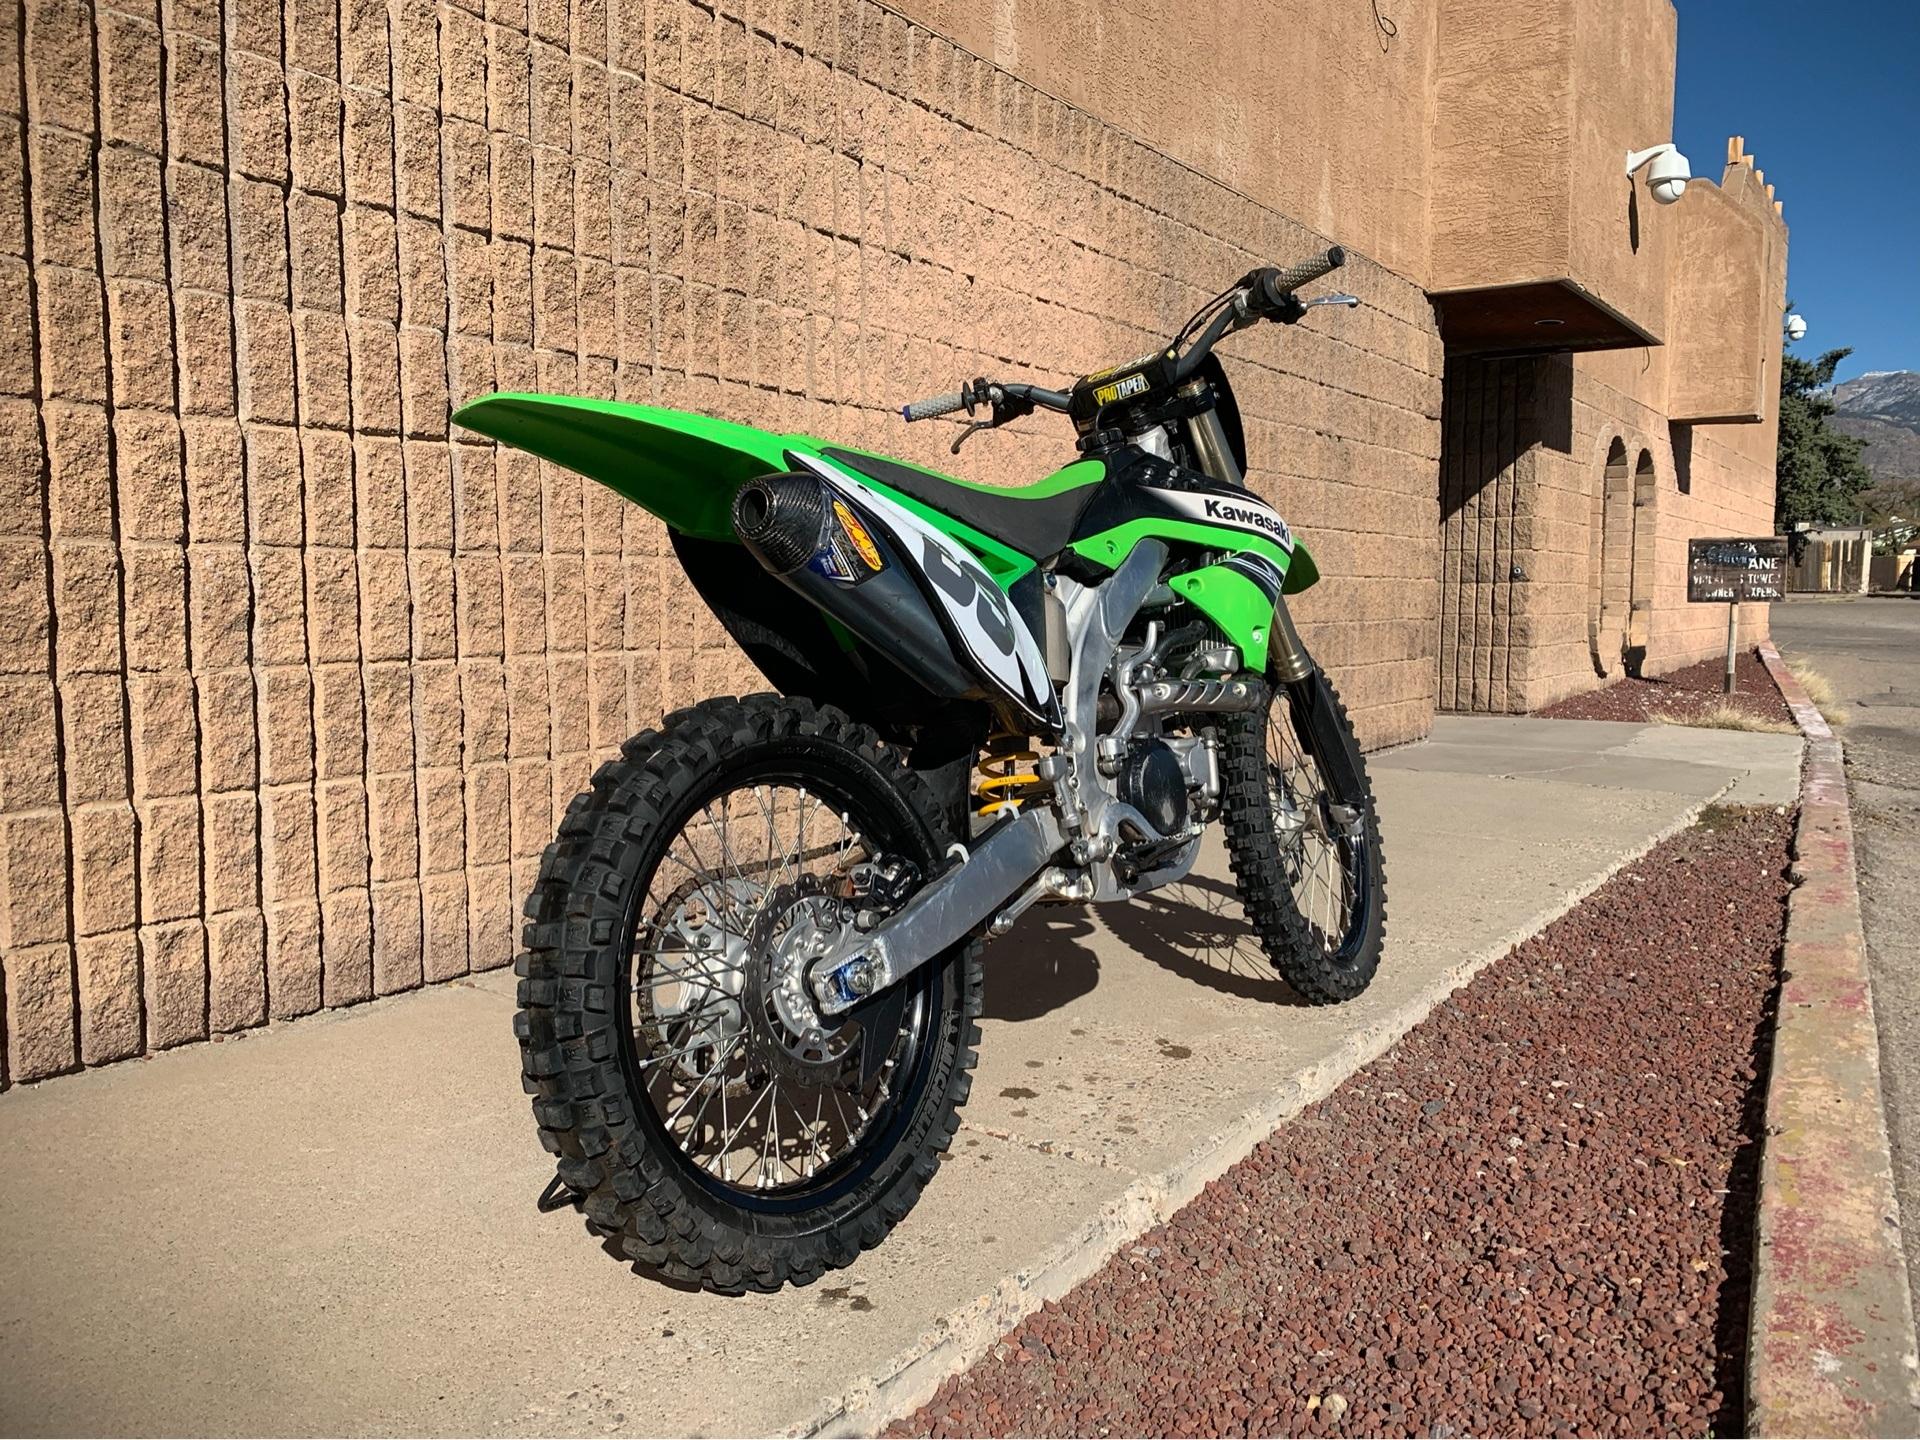 2011 Kawasaki KX450F 3